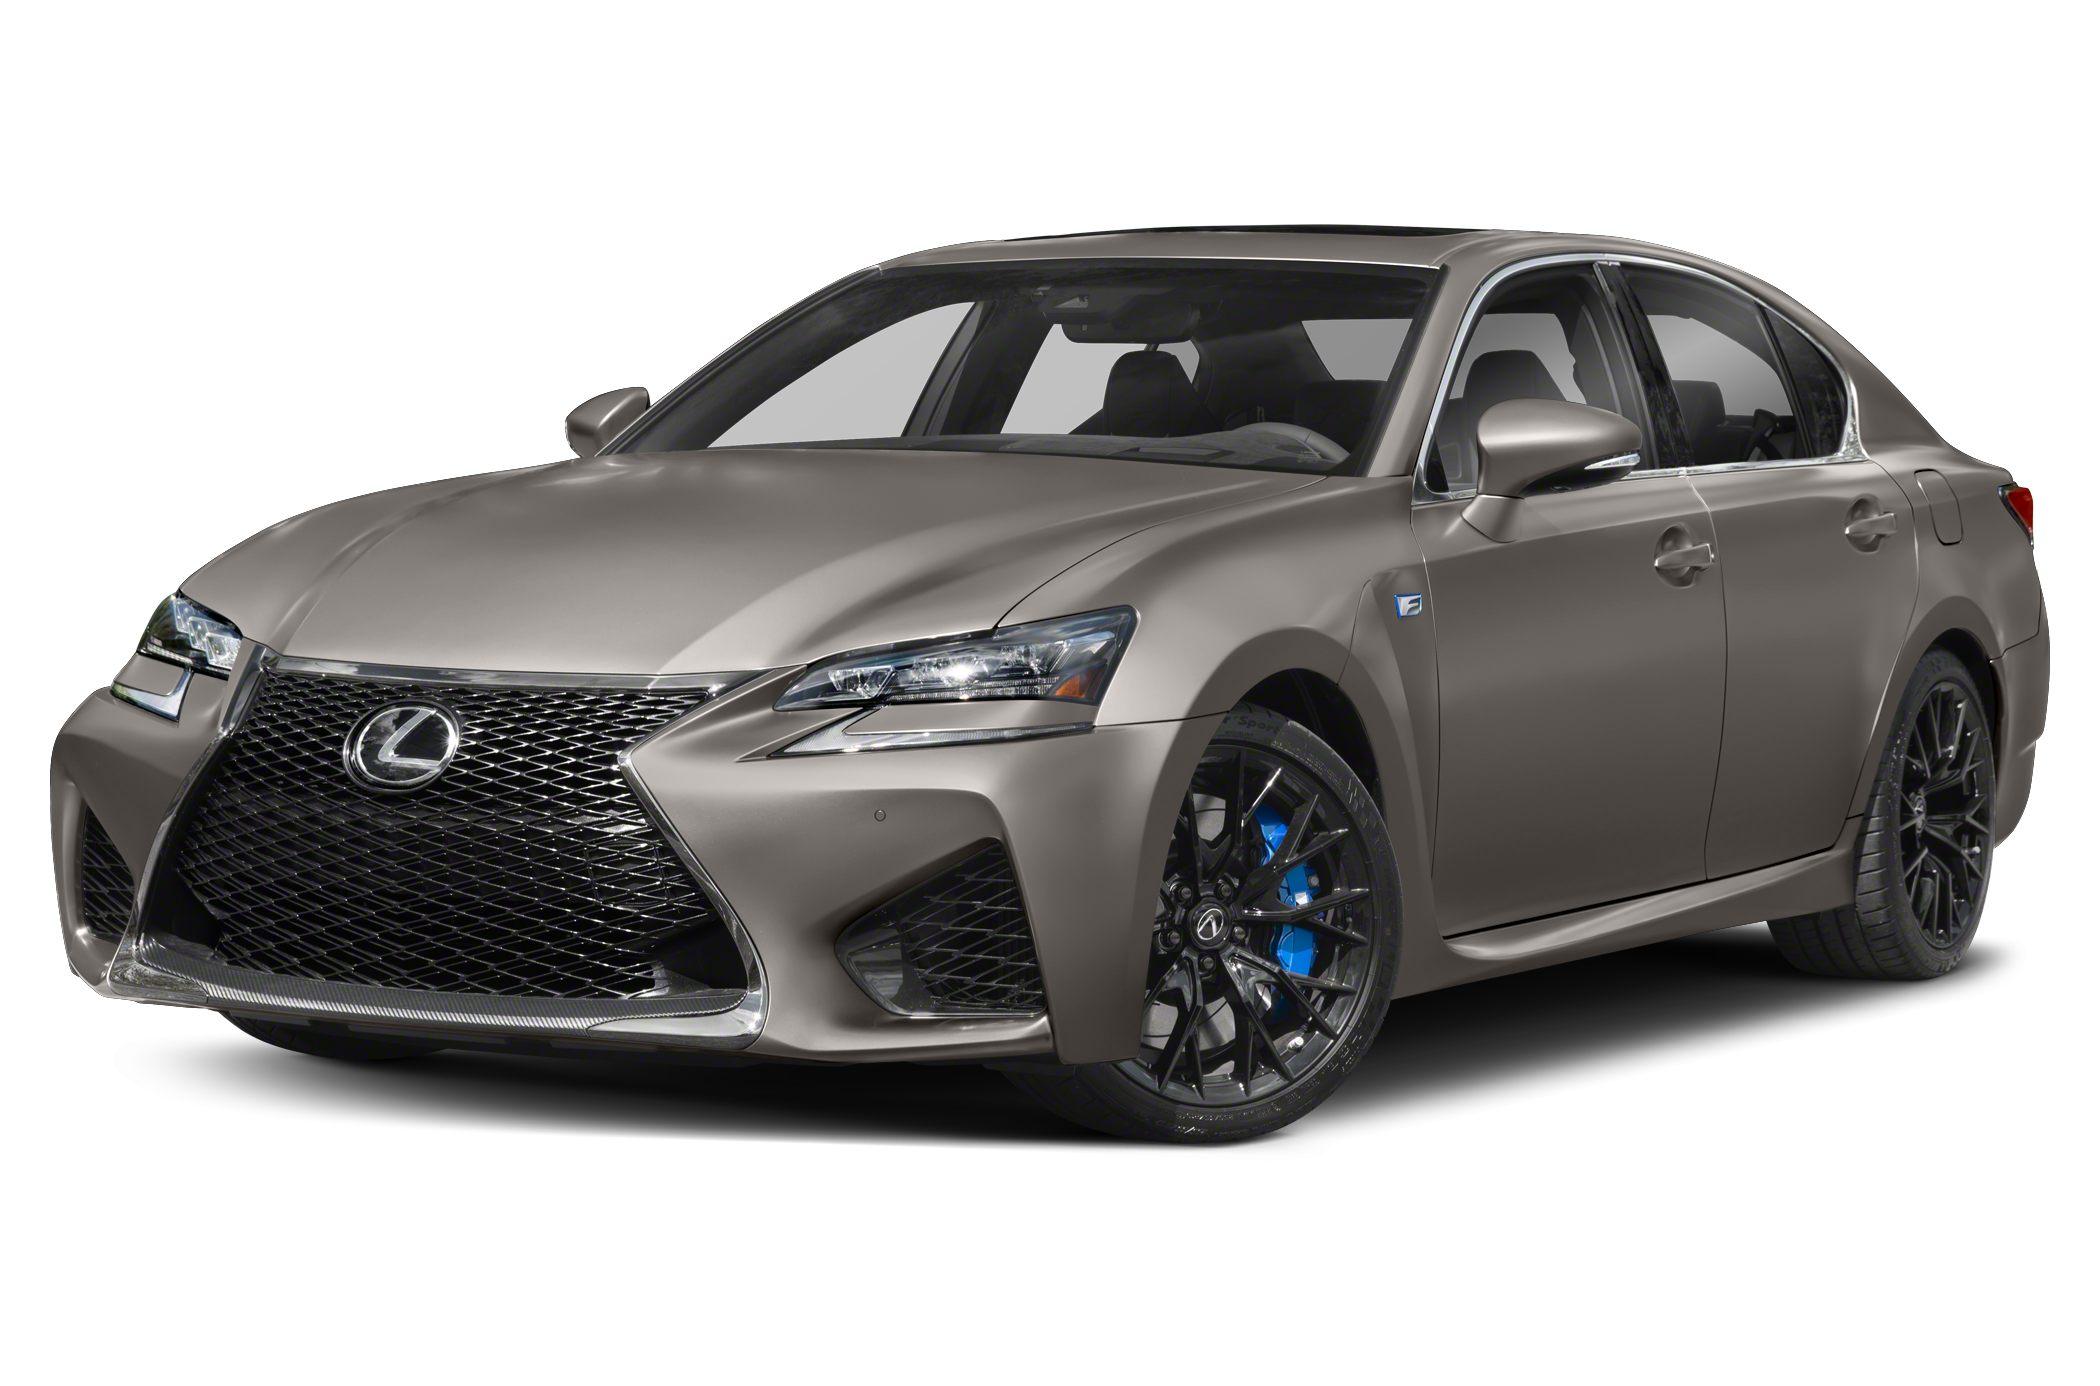 2020 Lexus GS F Prices